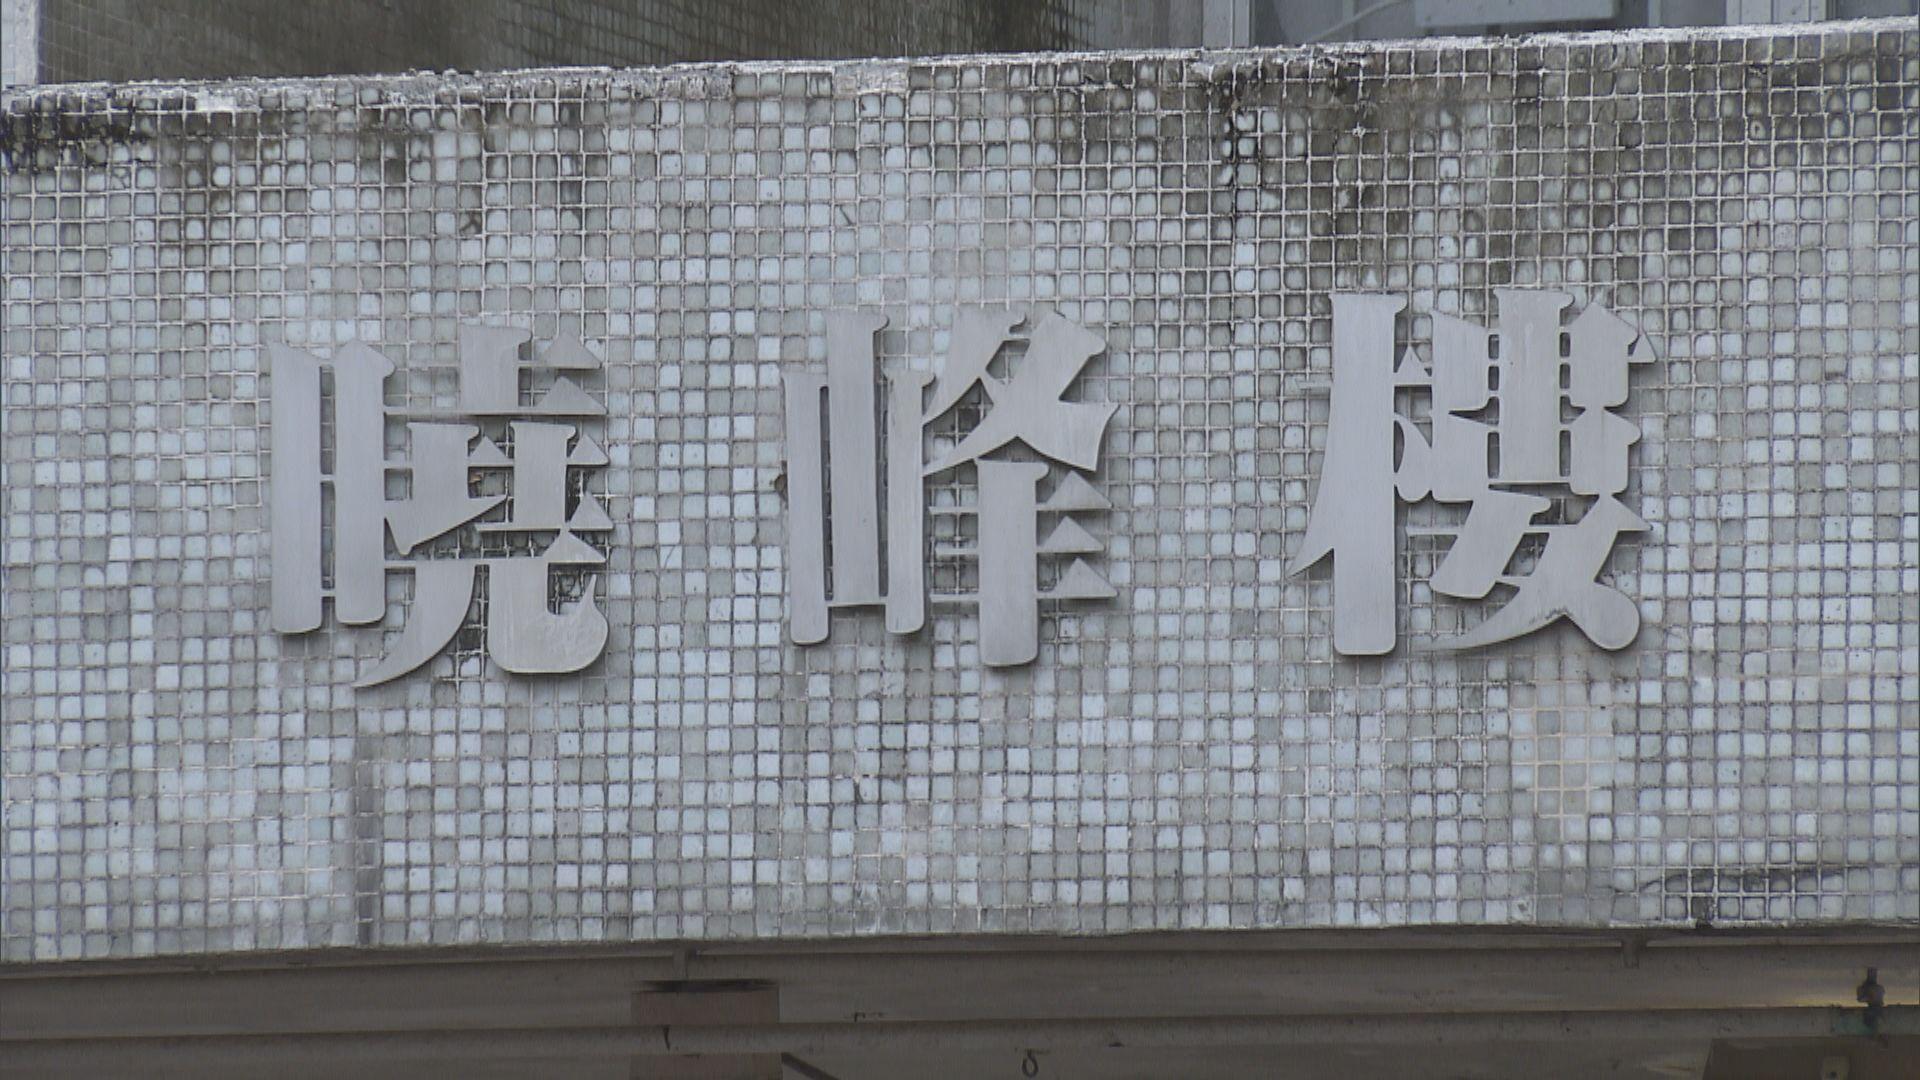 峰華邨曉峰樓至今五單位有人確診 或涉大廈直向傳播